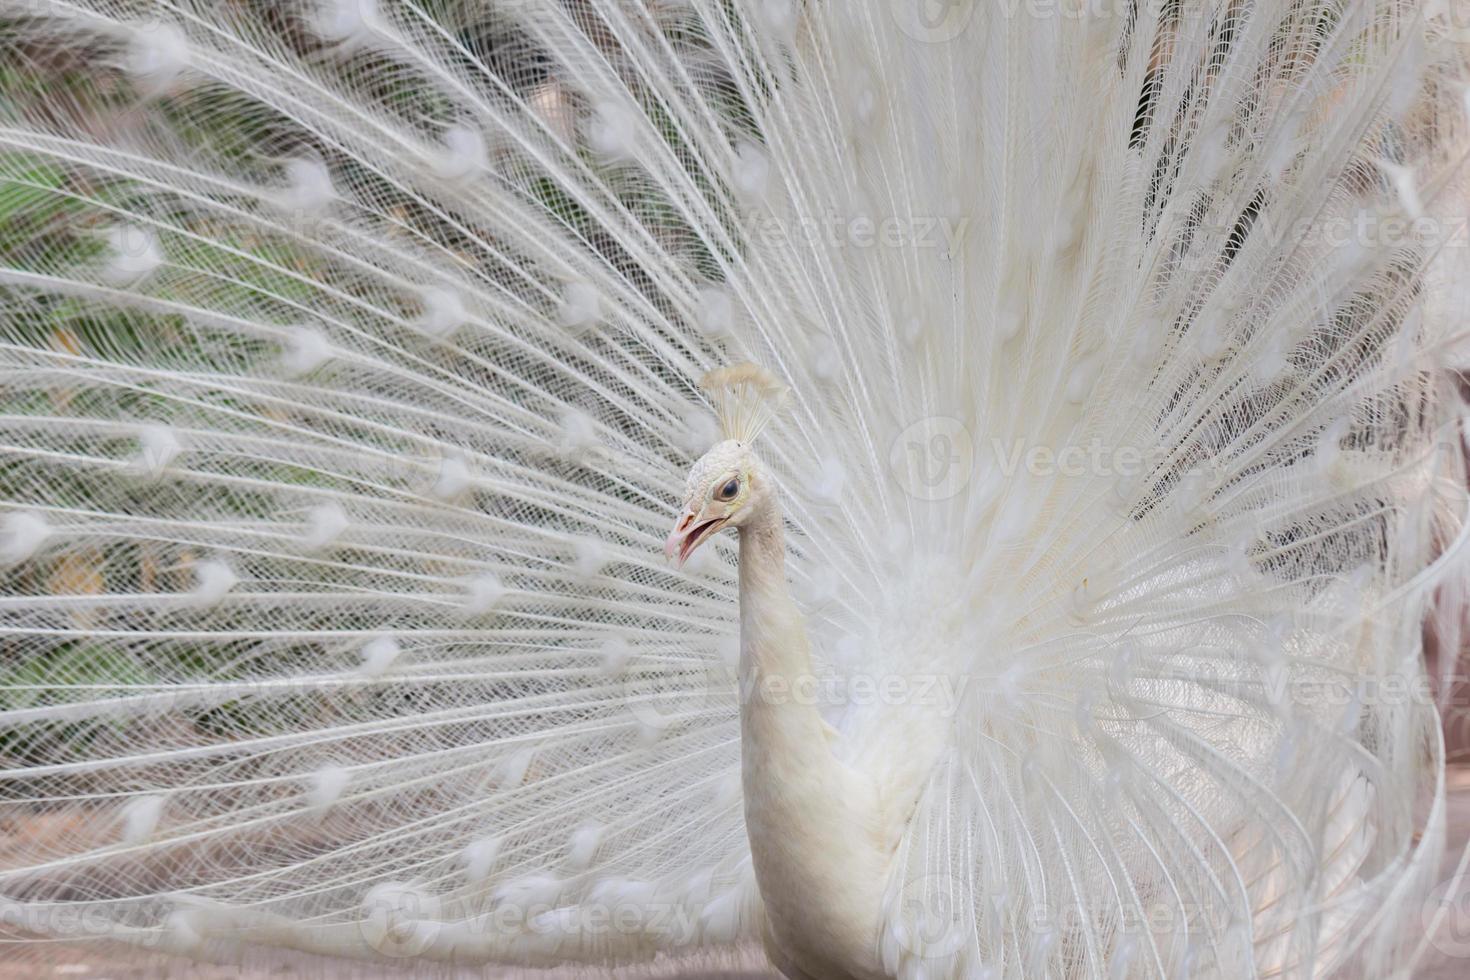 pavo real blanco con plumas muestran vista lateral foto